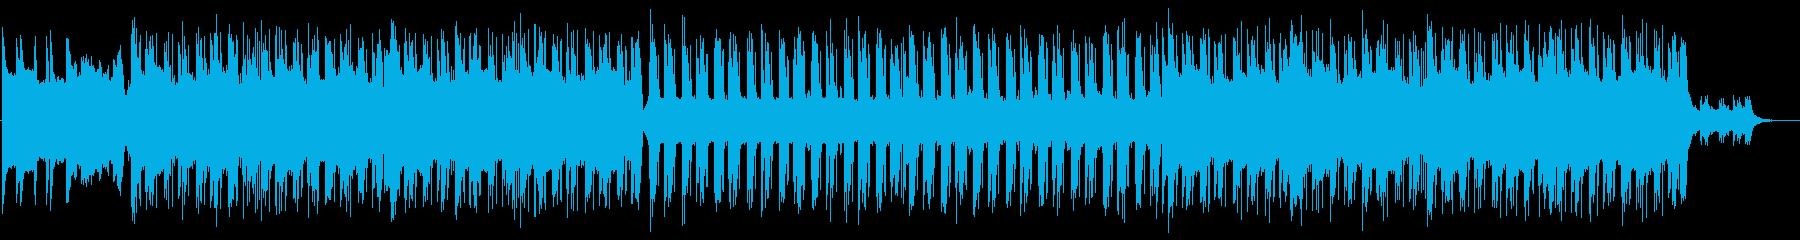 大会 エンディング ヒップホップの再生済みの波形